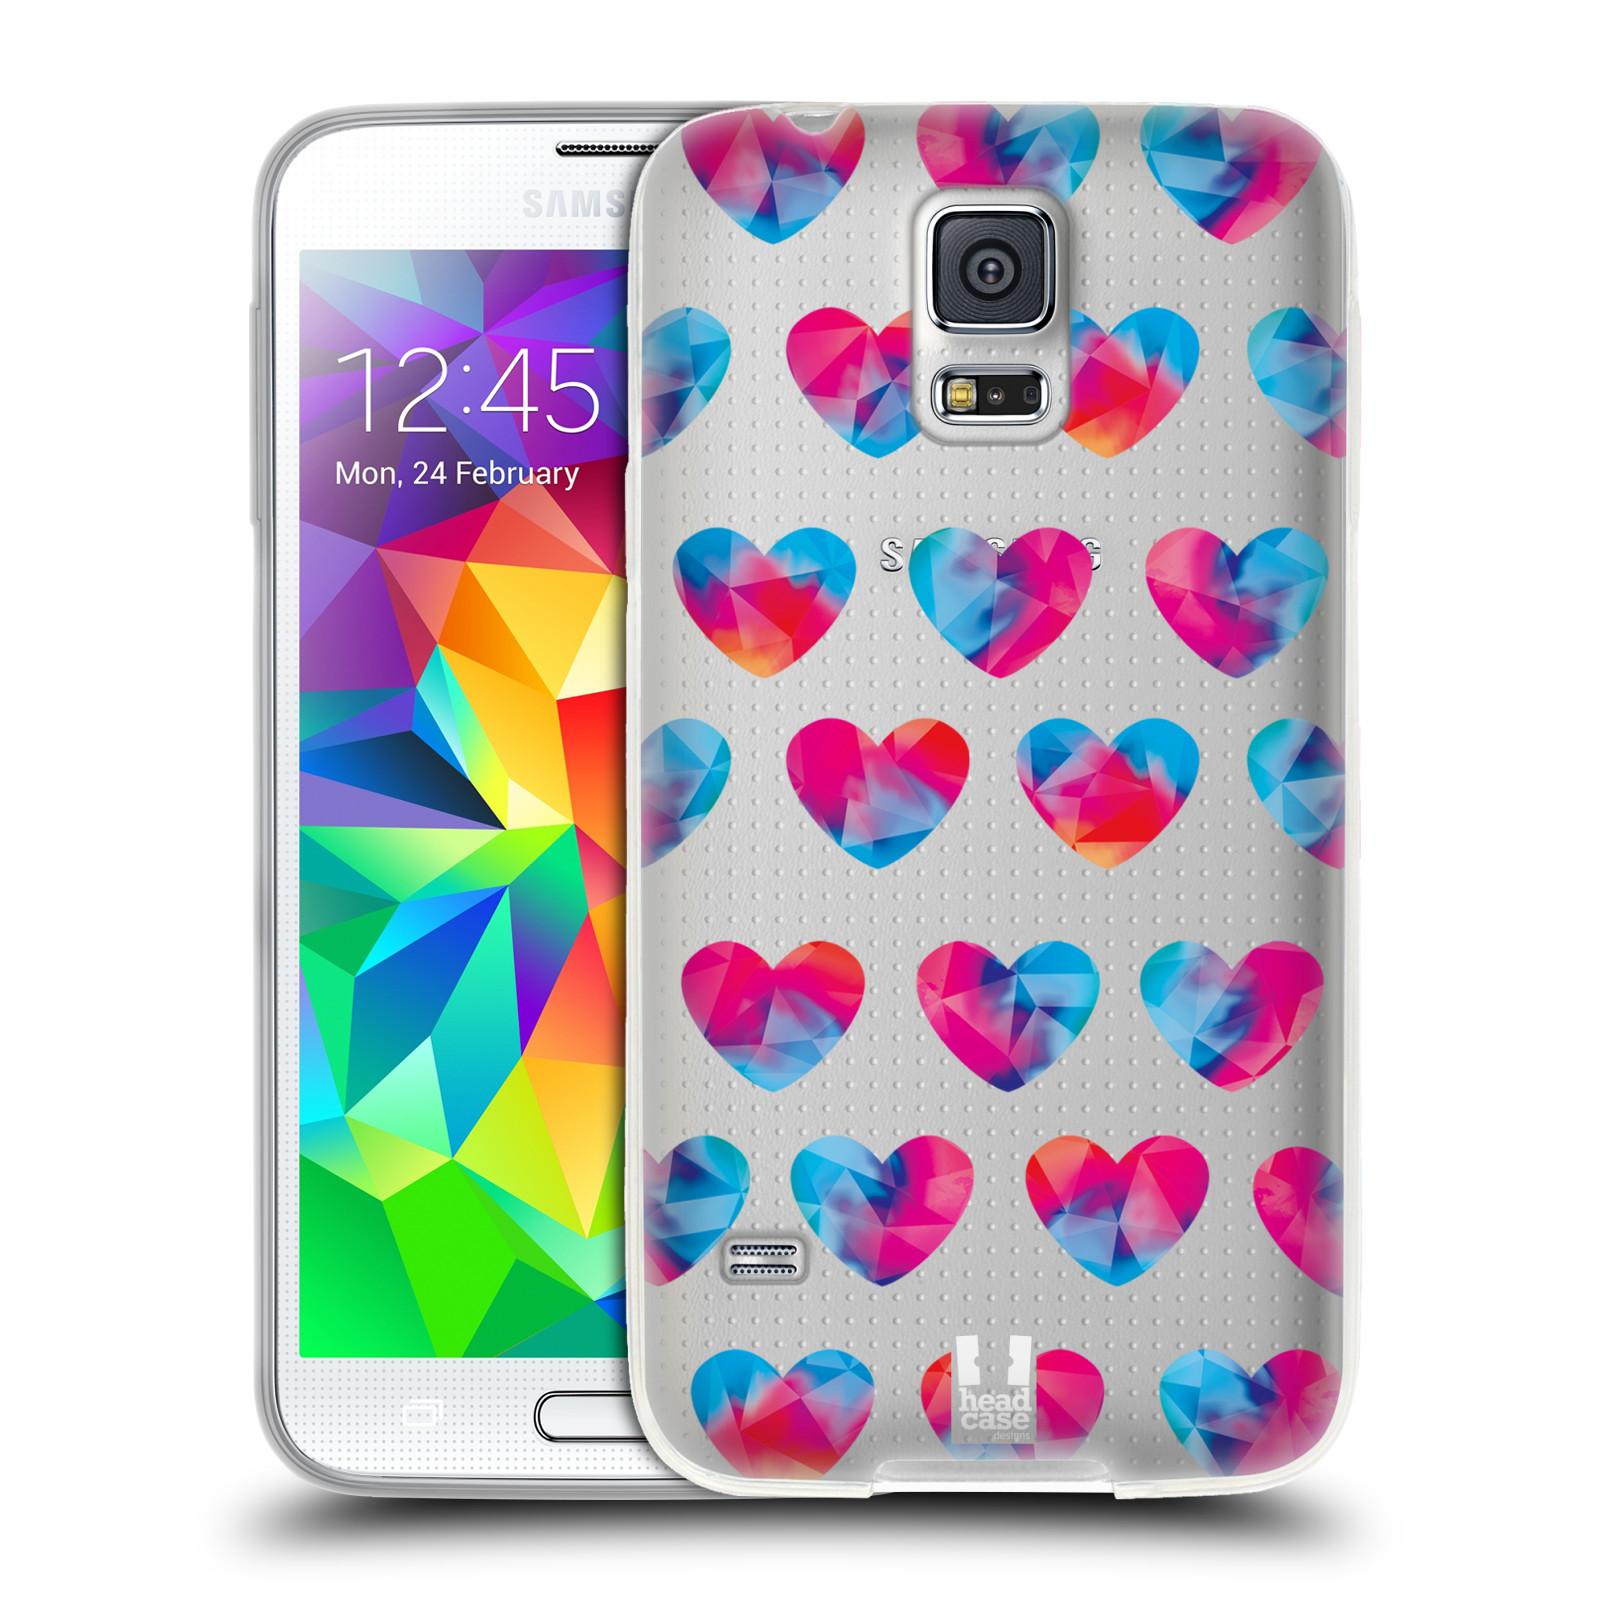 Silikonové pouzdro na mobil Samsung Galaxy S5 Neo - Head Case - Srdíčka hrající barvami